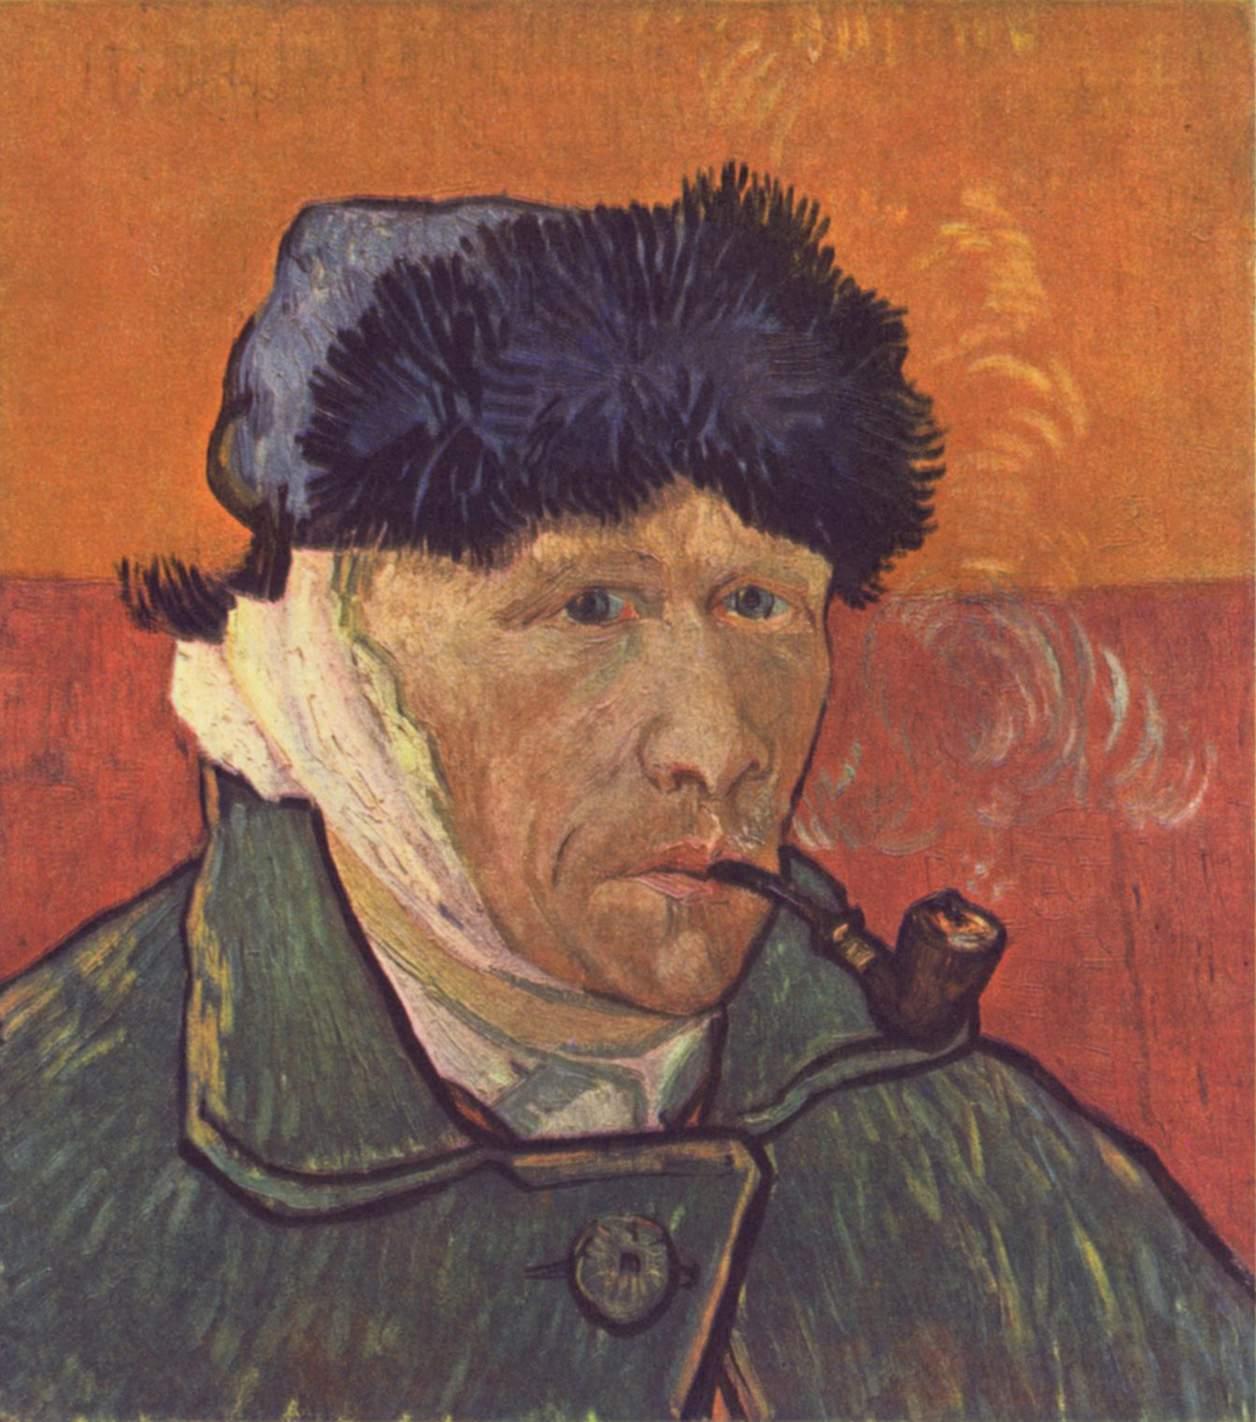 Винсент Виллем Ван Гог (нидерл. Vincent Willem van Gogh). Автопортрет с отрезанным ухом